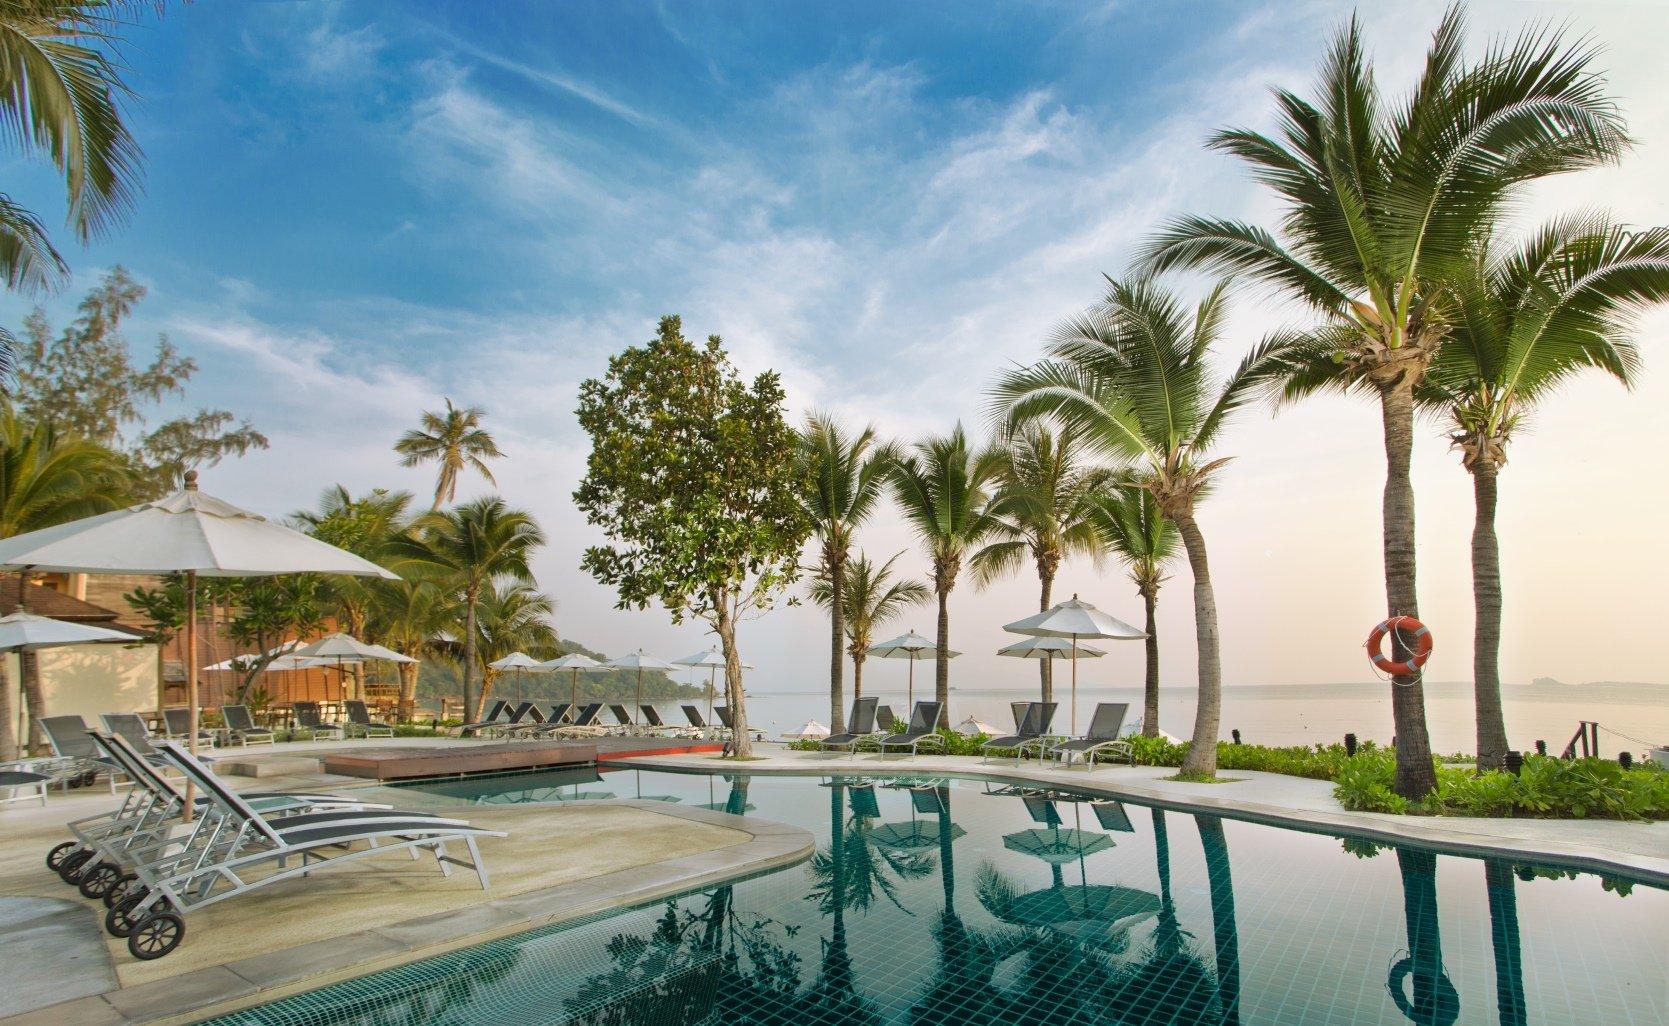 โปรโมชั่น...งานไทยเที่ยวไทย ครั้งที่ 48 โรงแรมไอบิส เอราวัณ ประเทศไทย 13 -